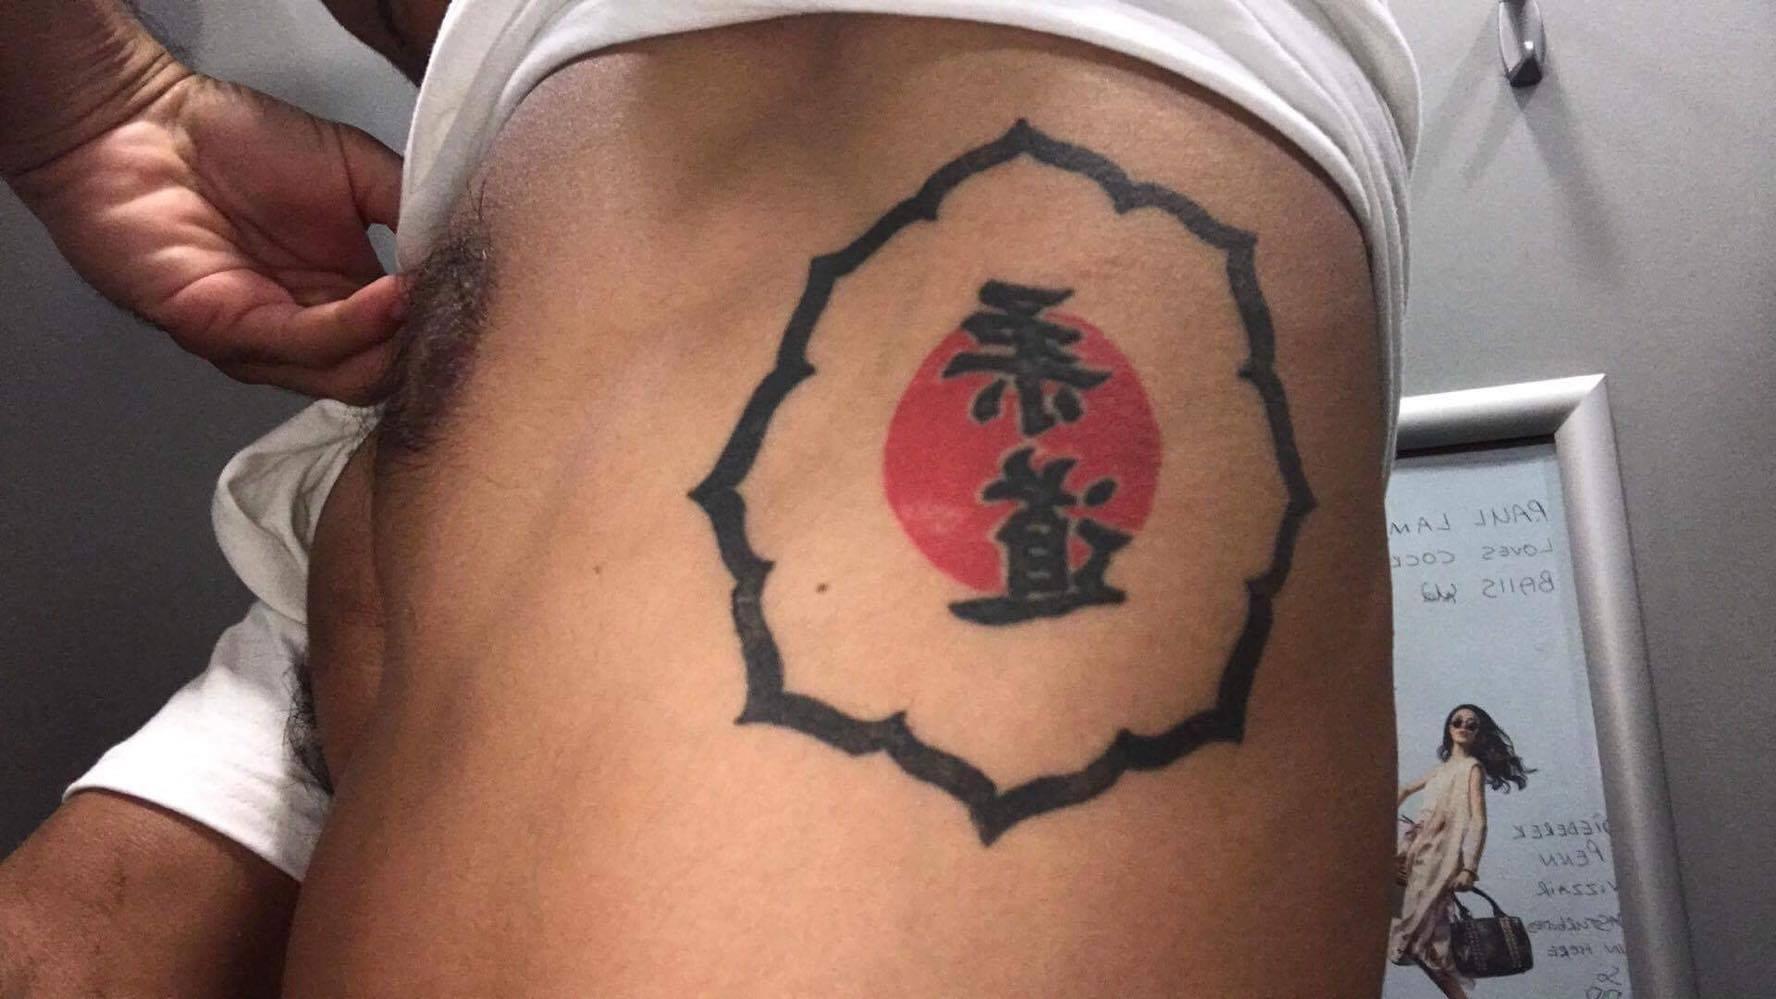 Gaston Lafon s'est tatoué l'emblème du kodokan, la mecque du judo au Japon